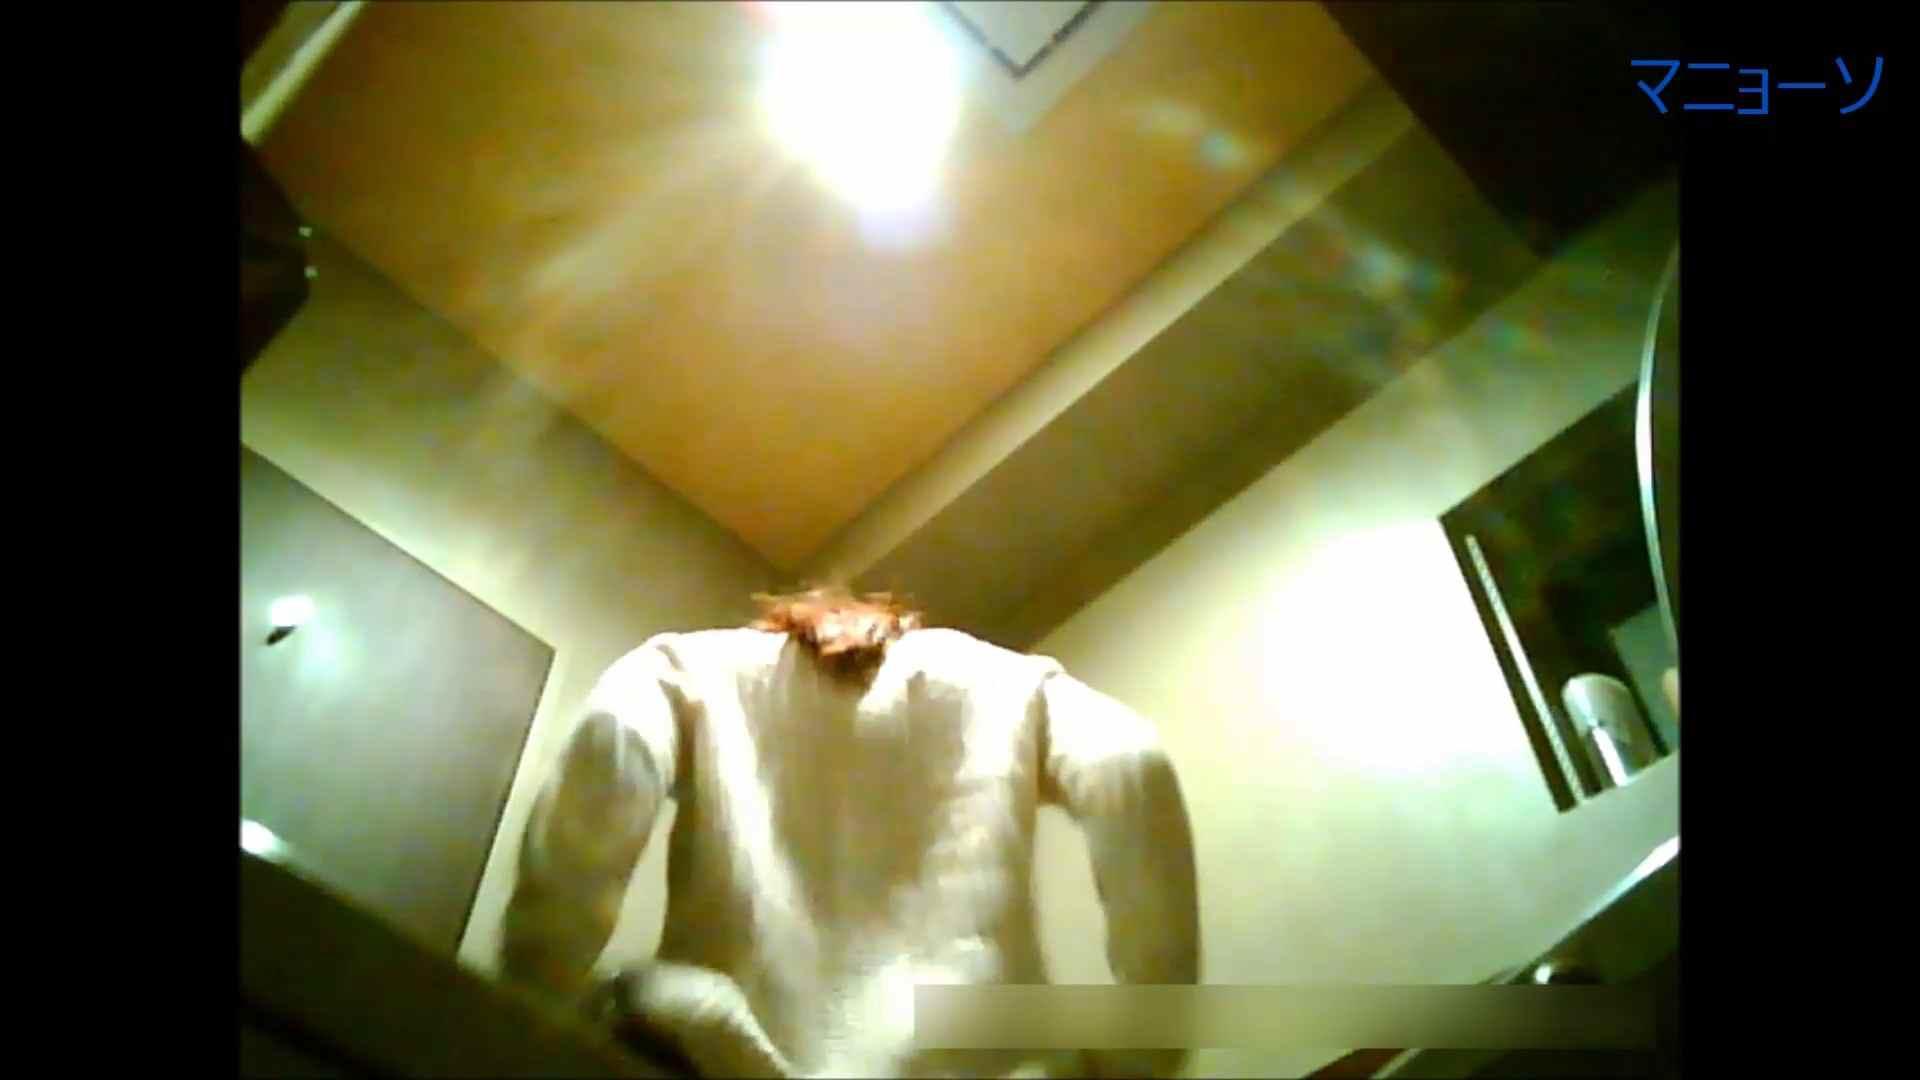 トイレでひと肌脱いでもらいました (JD編)Vol.02 丸見え AV無料動画キャプチャ 83画像 23